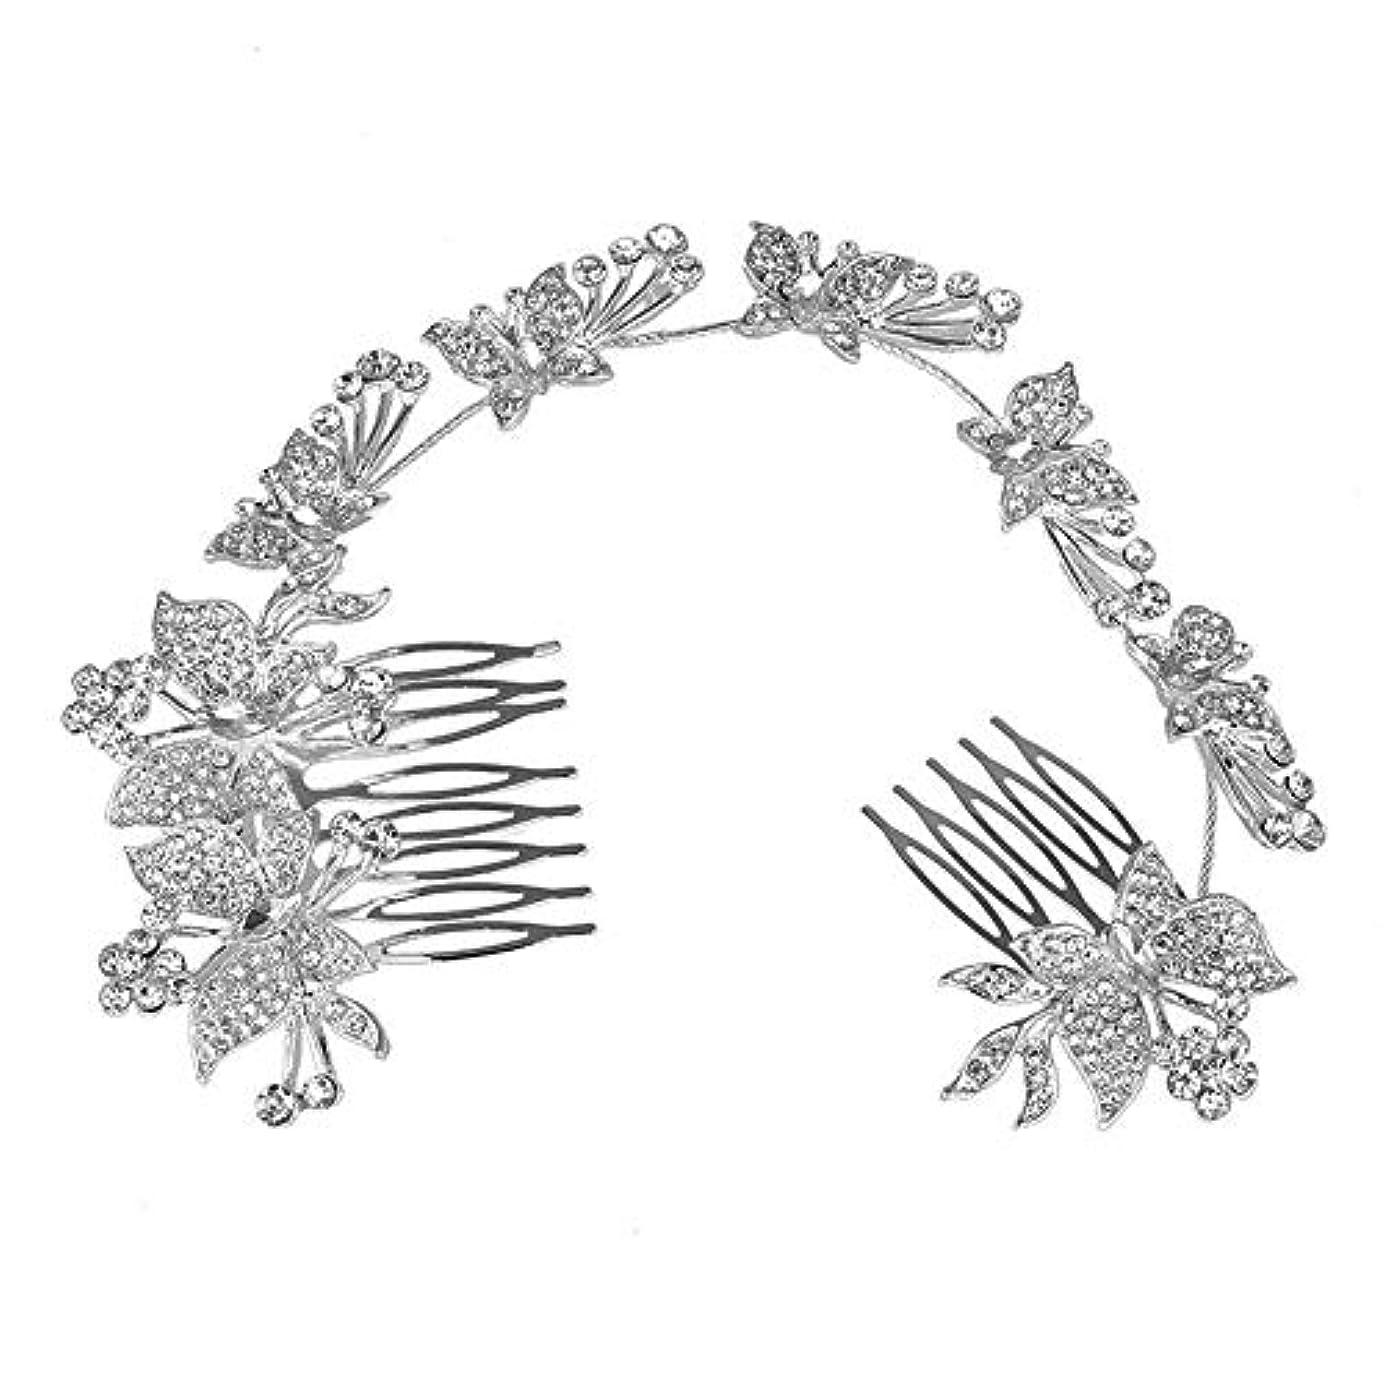 思慮のないトマト天文学髪の櫛、櫛、蝶、髪の櫛、ブライダル髪の櫛、結婚式の髪の櫛、ラインストーンの櫛、ヘッドギア